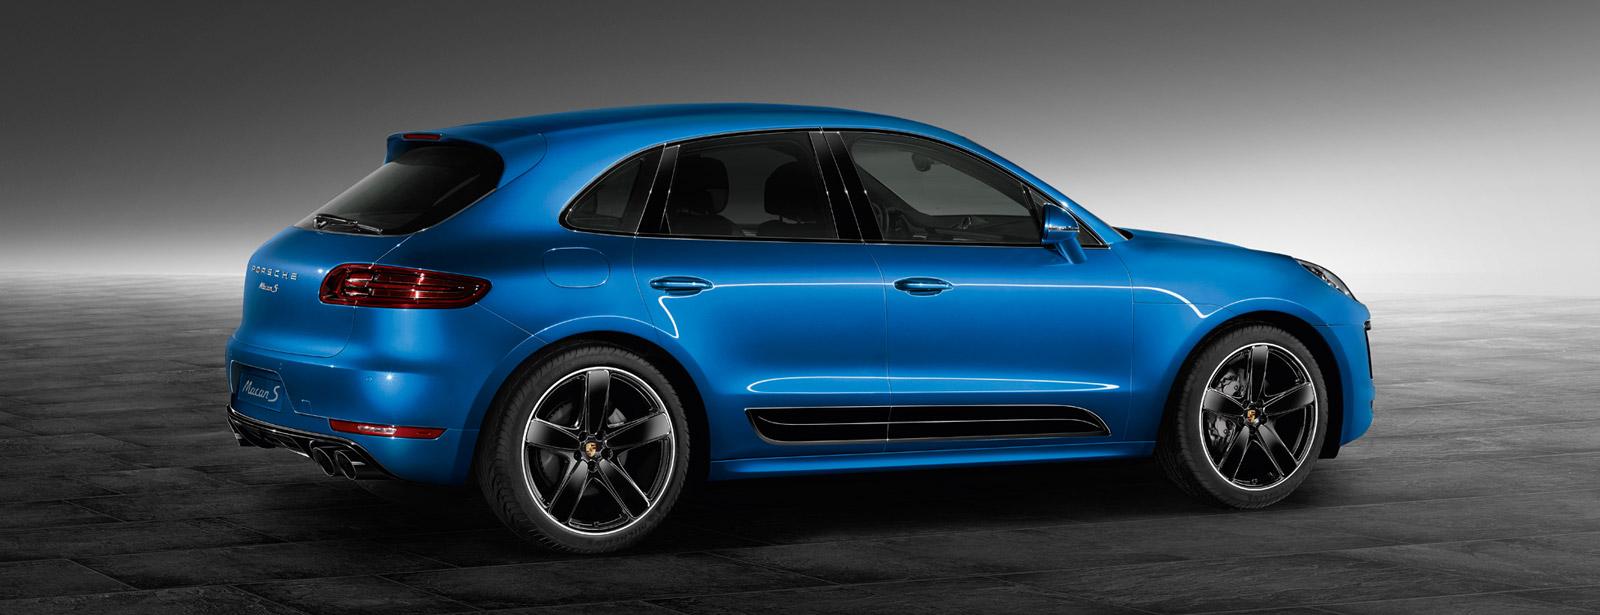 Porsche Driving School >> Macan S Sapphire Blue Metallic - Macan - Exclusive - Dr ...